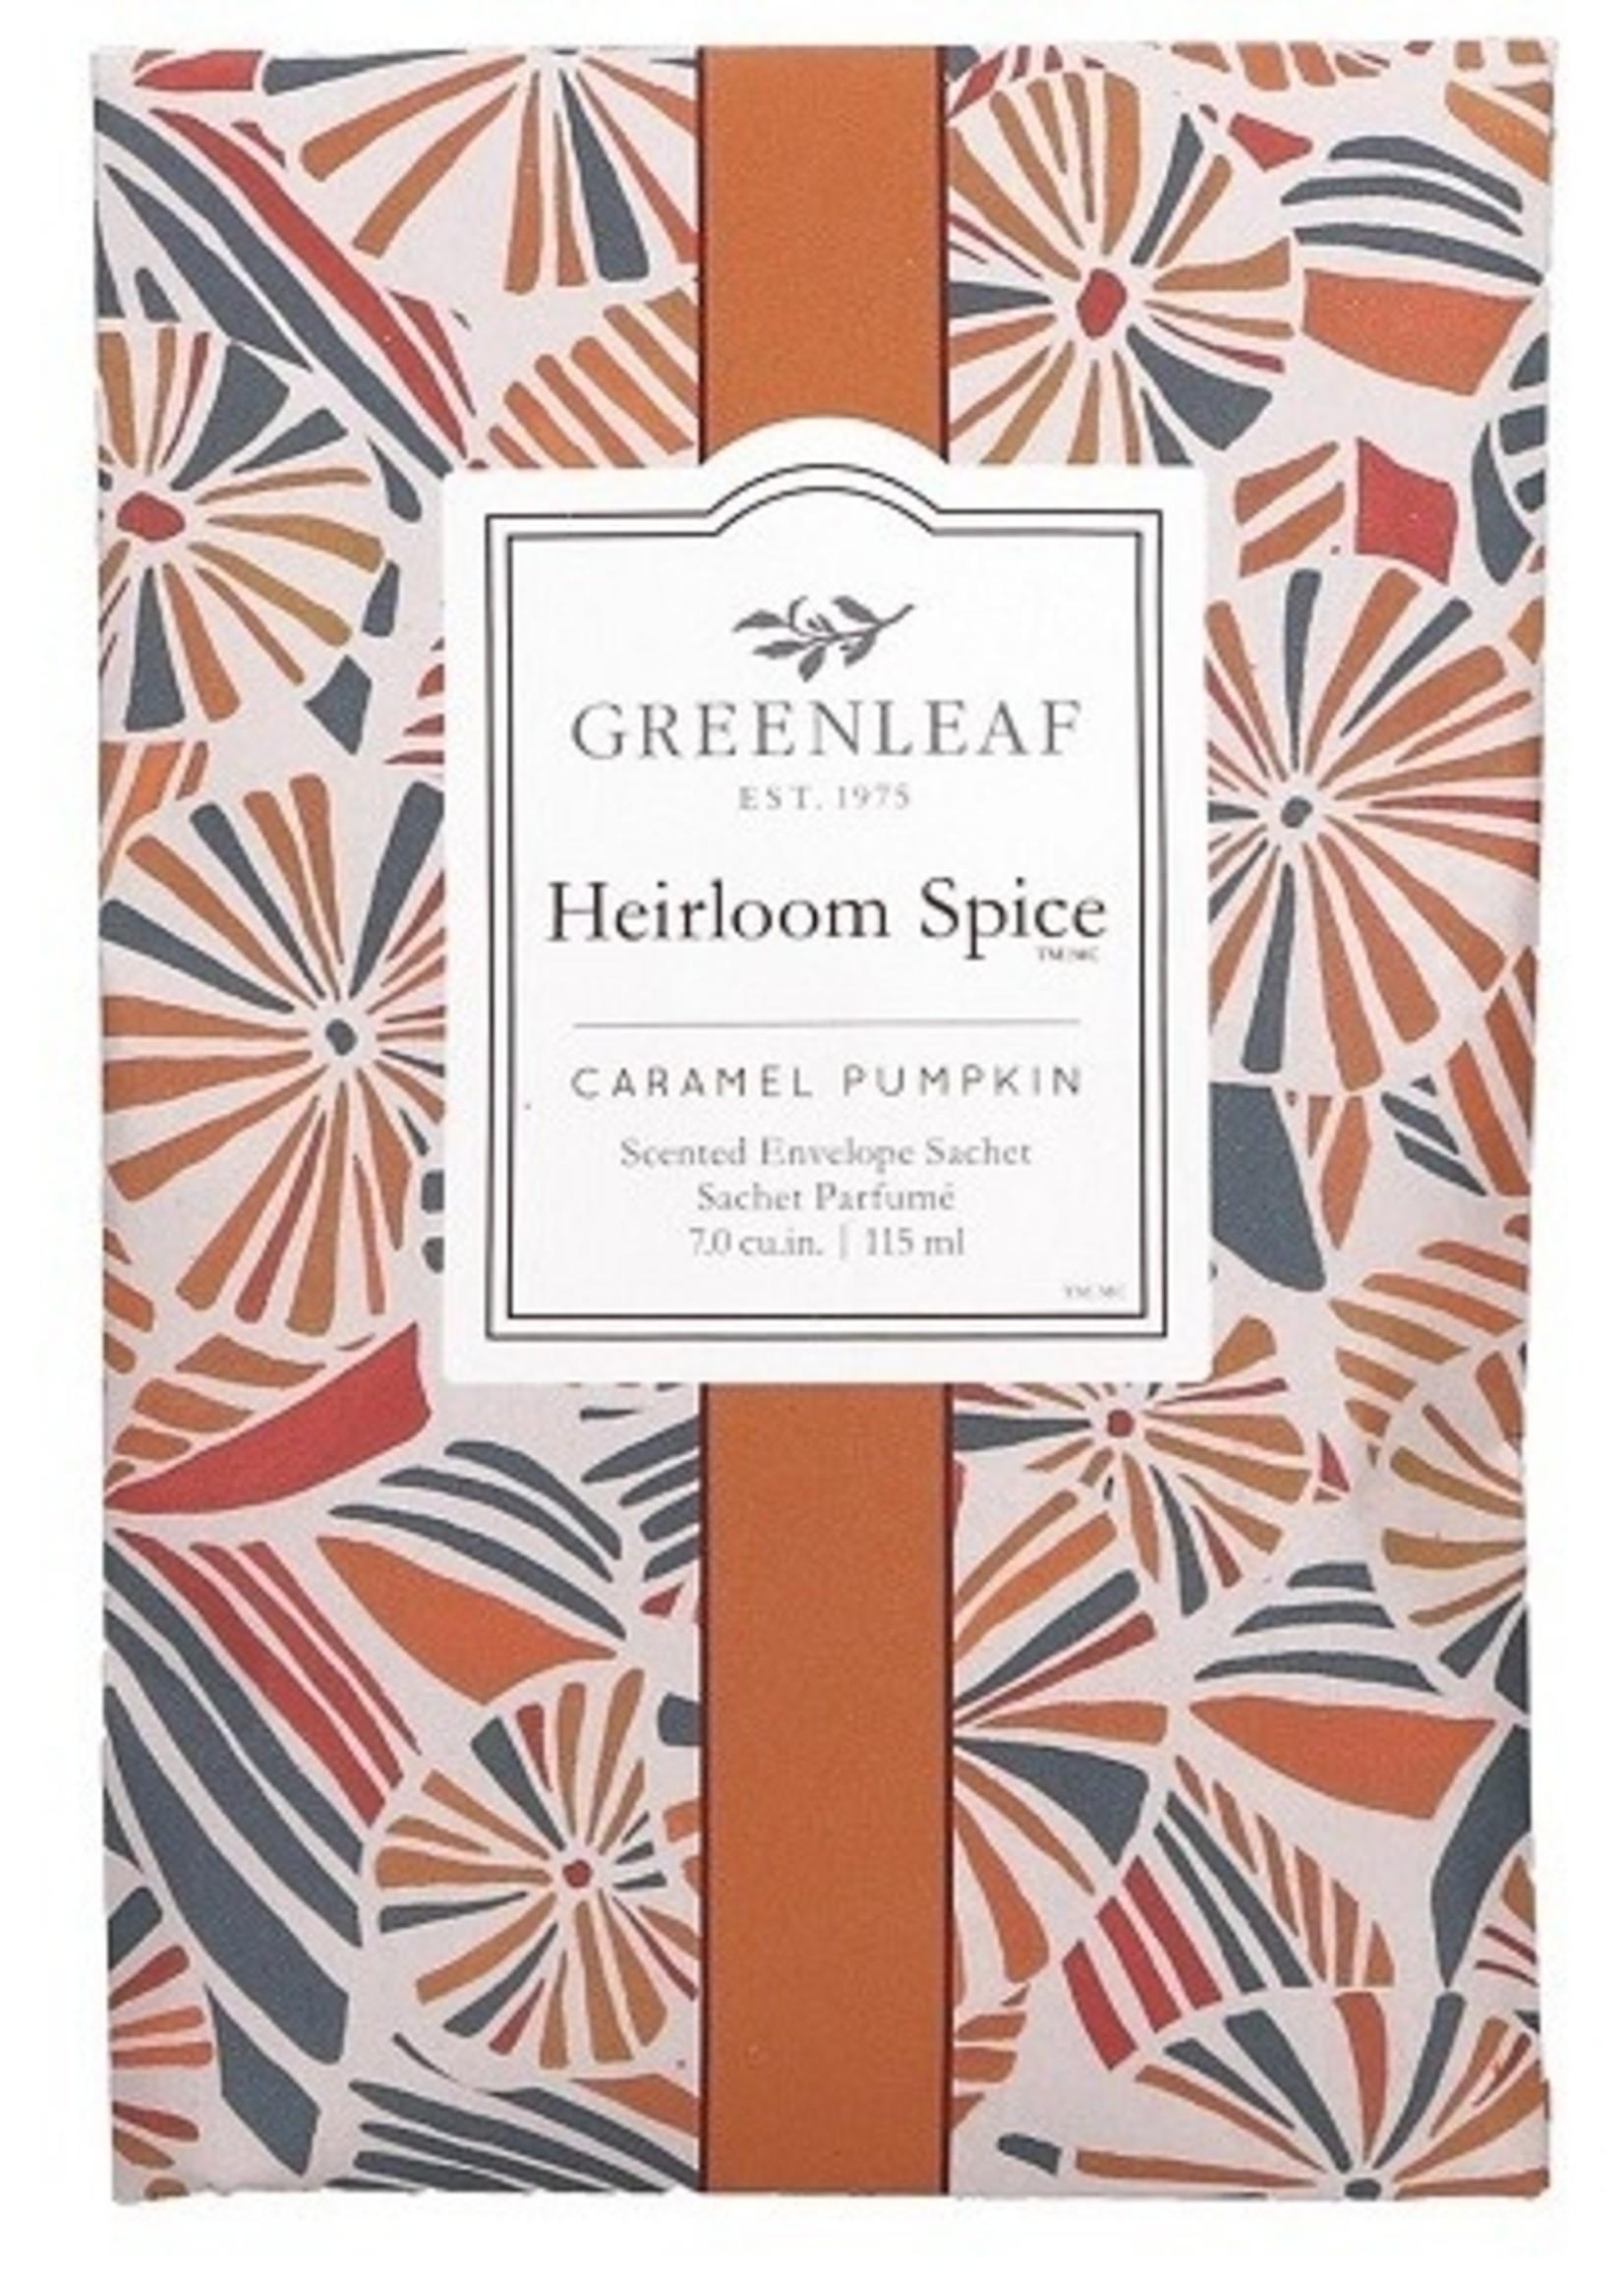 Greenleaf Greenleaf Geurzakje Heirloom Spice